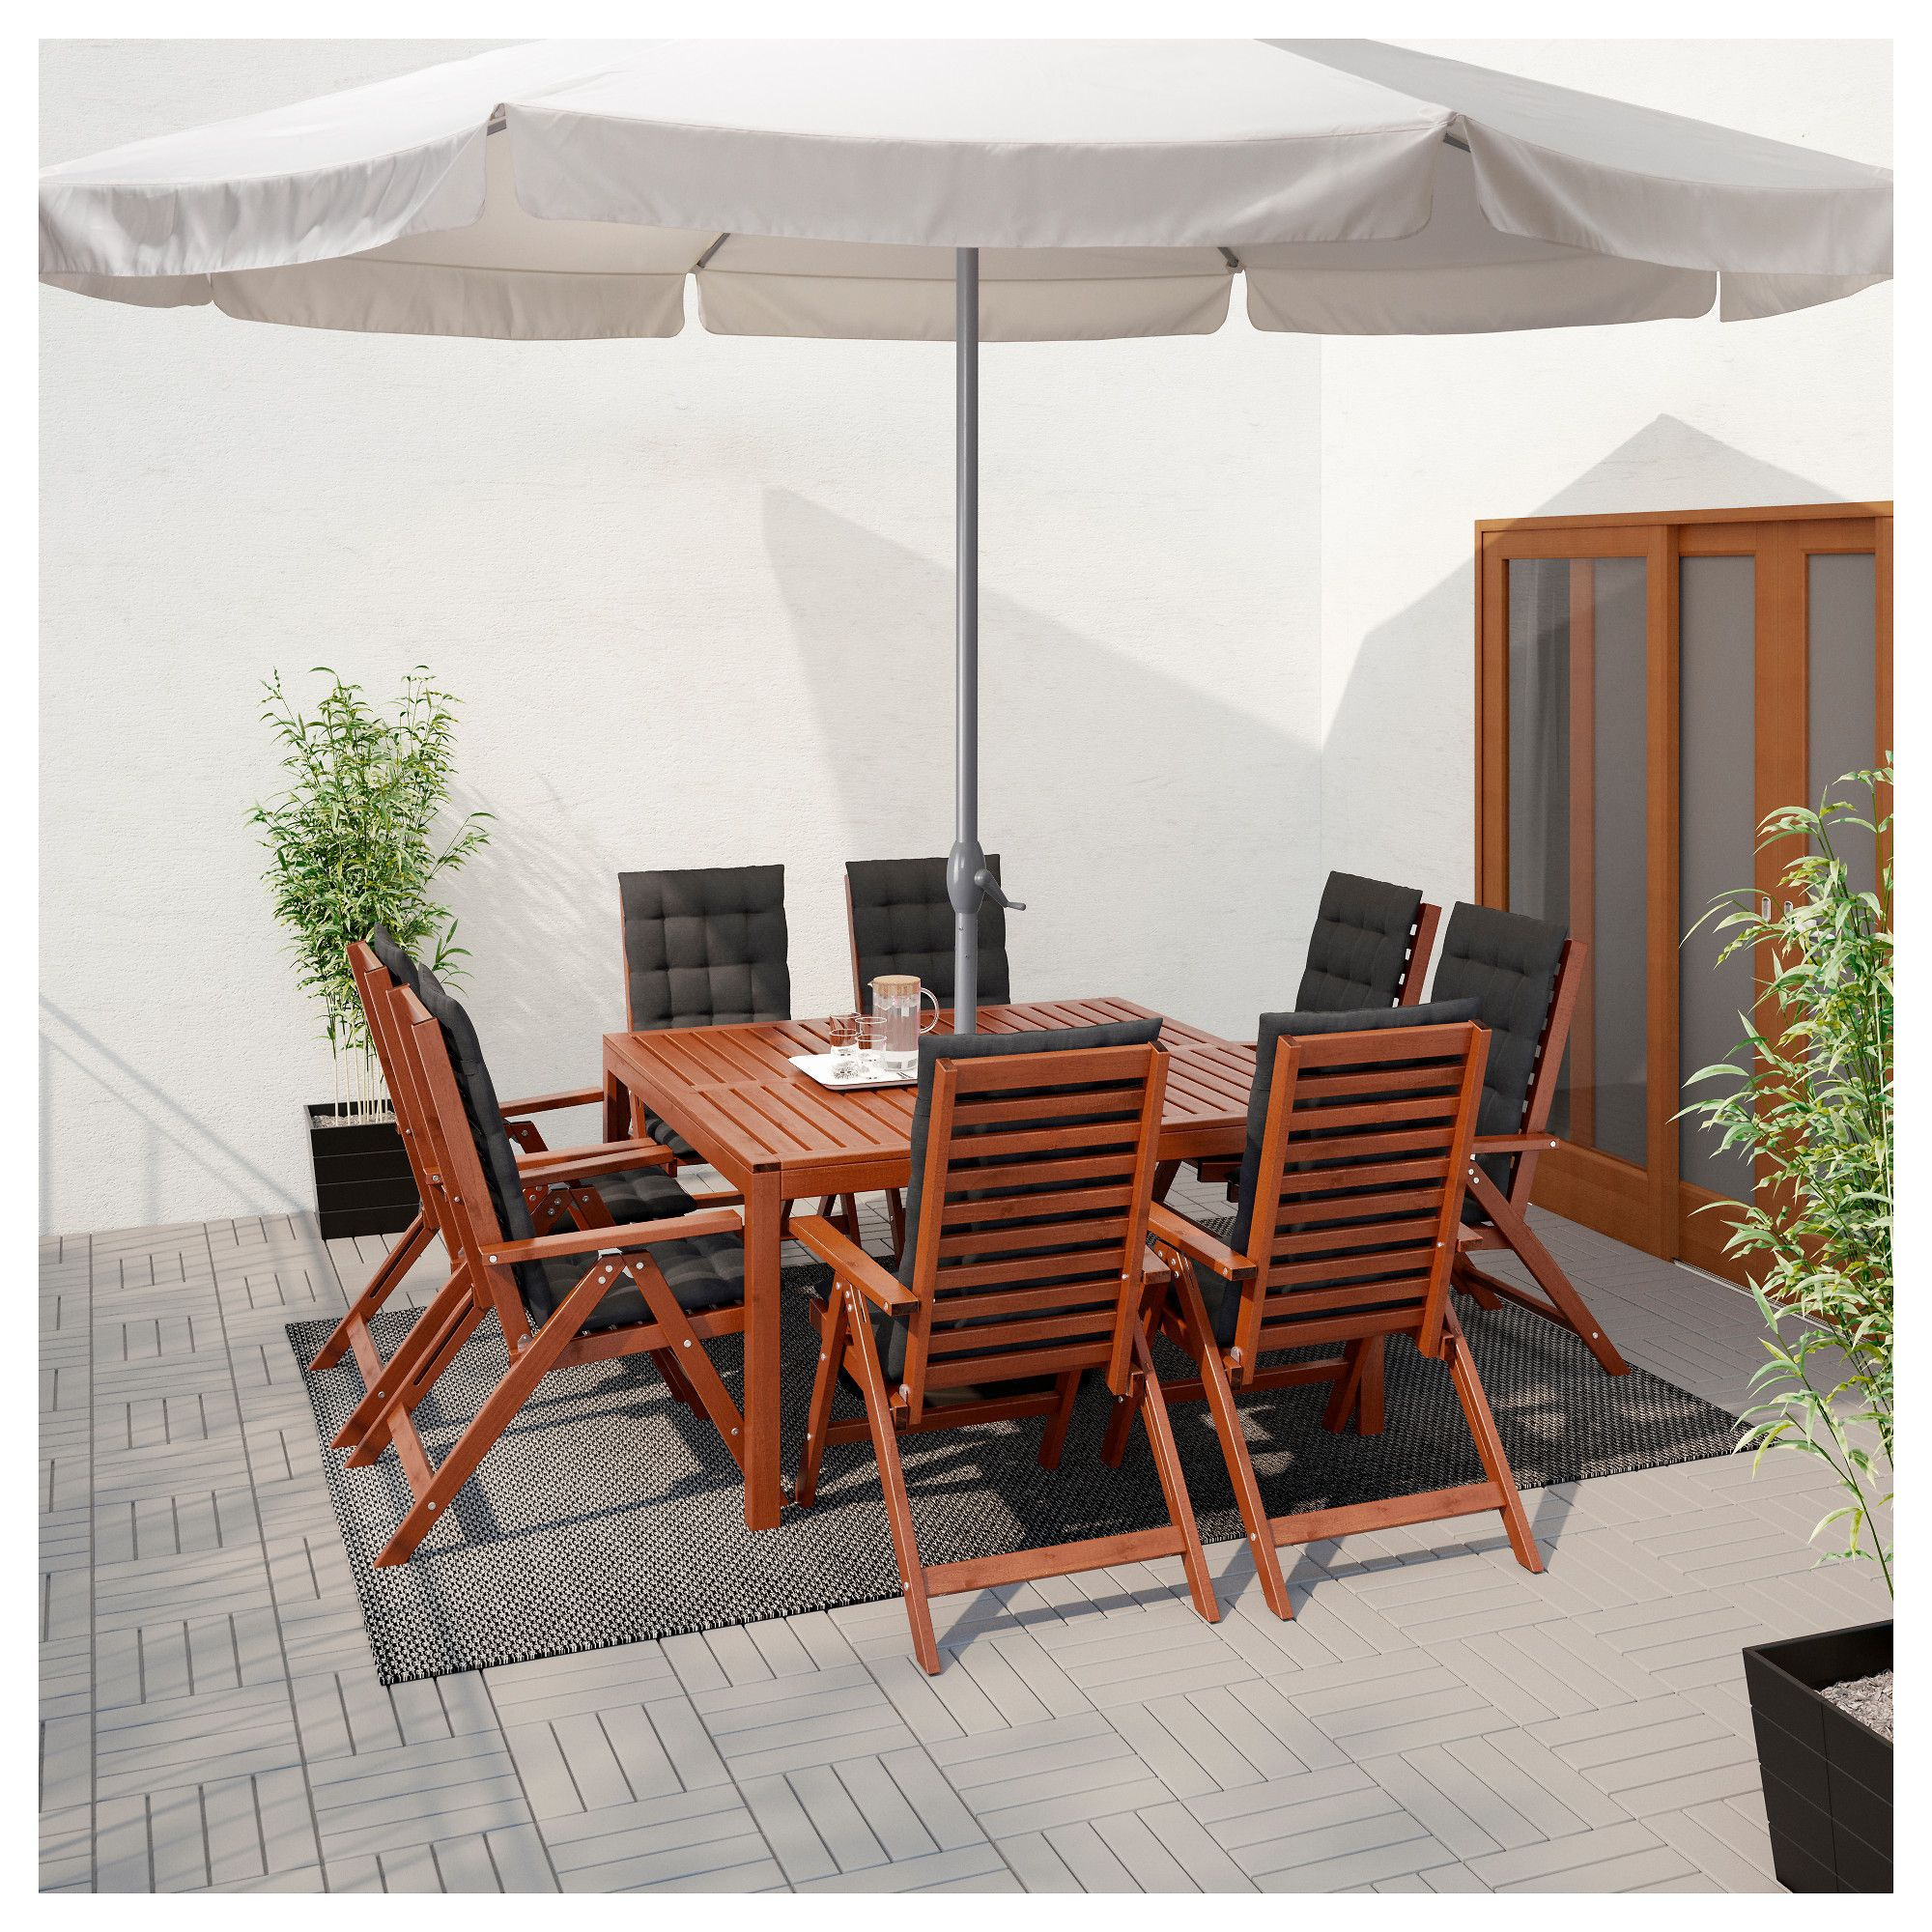 Ljustero Sonnenschirm Mit Stander Beige Loko Grau Terassenideen